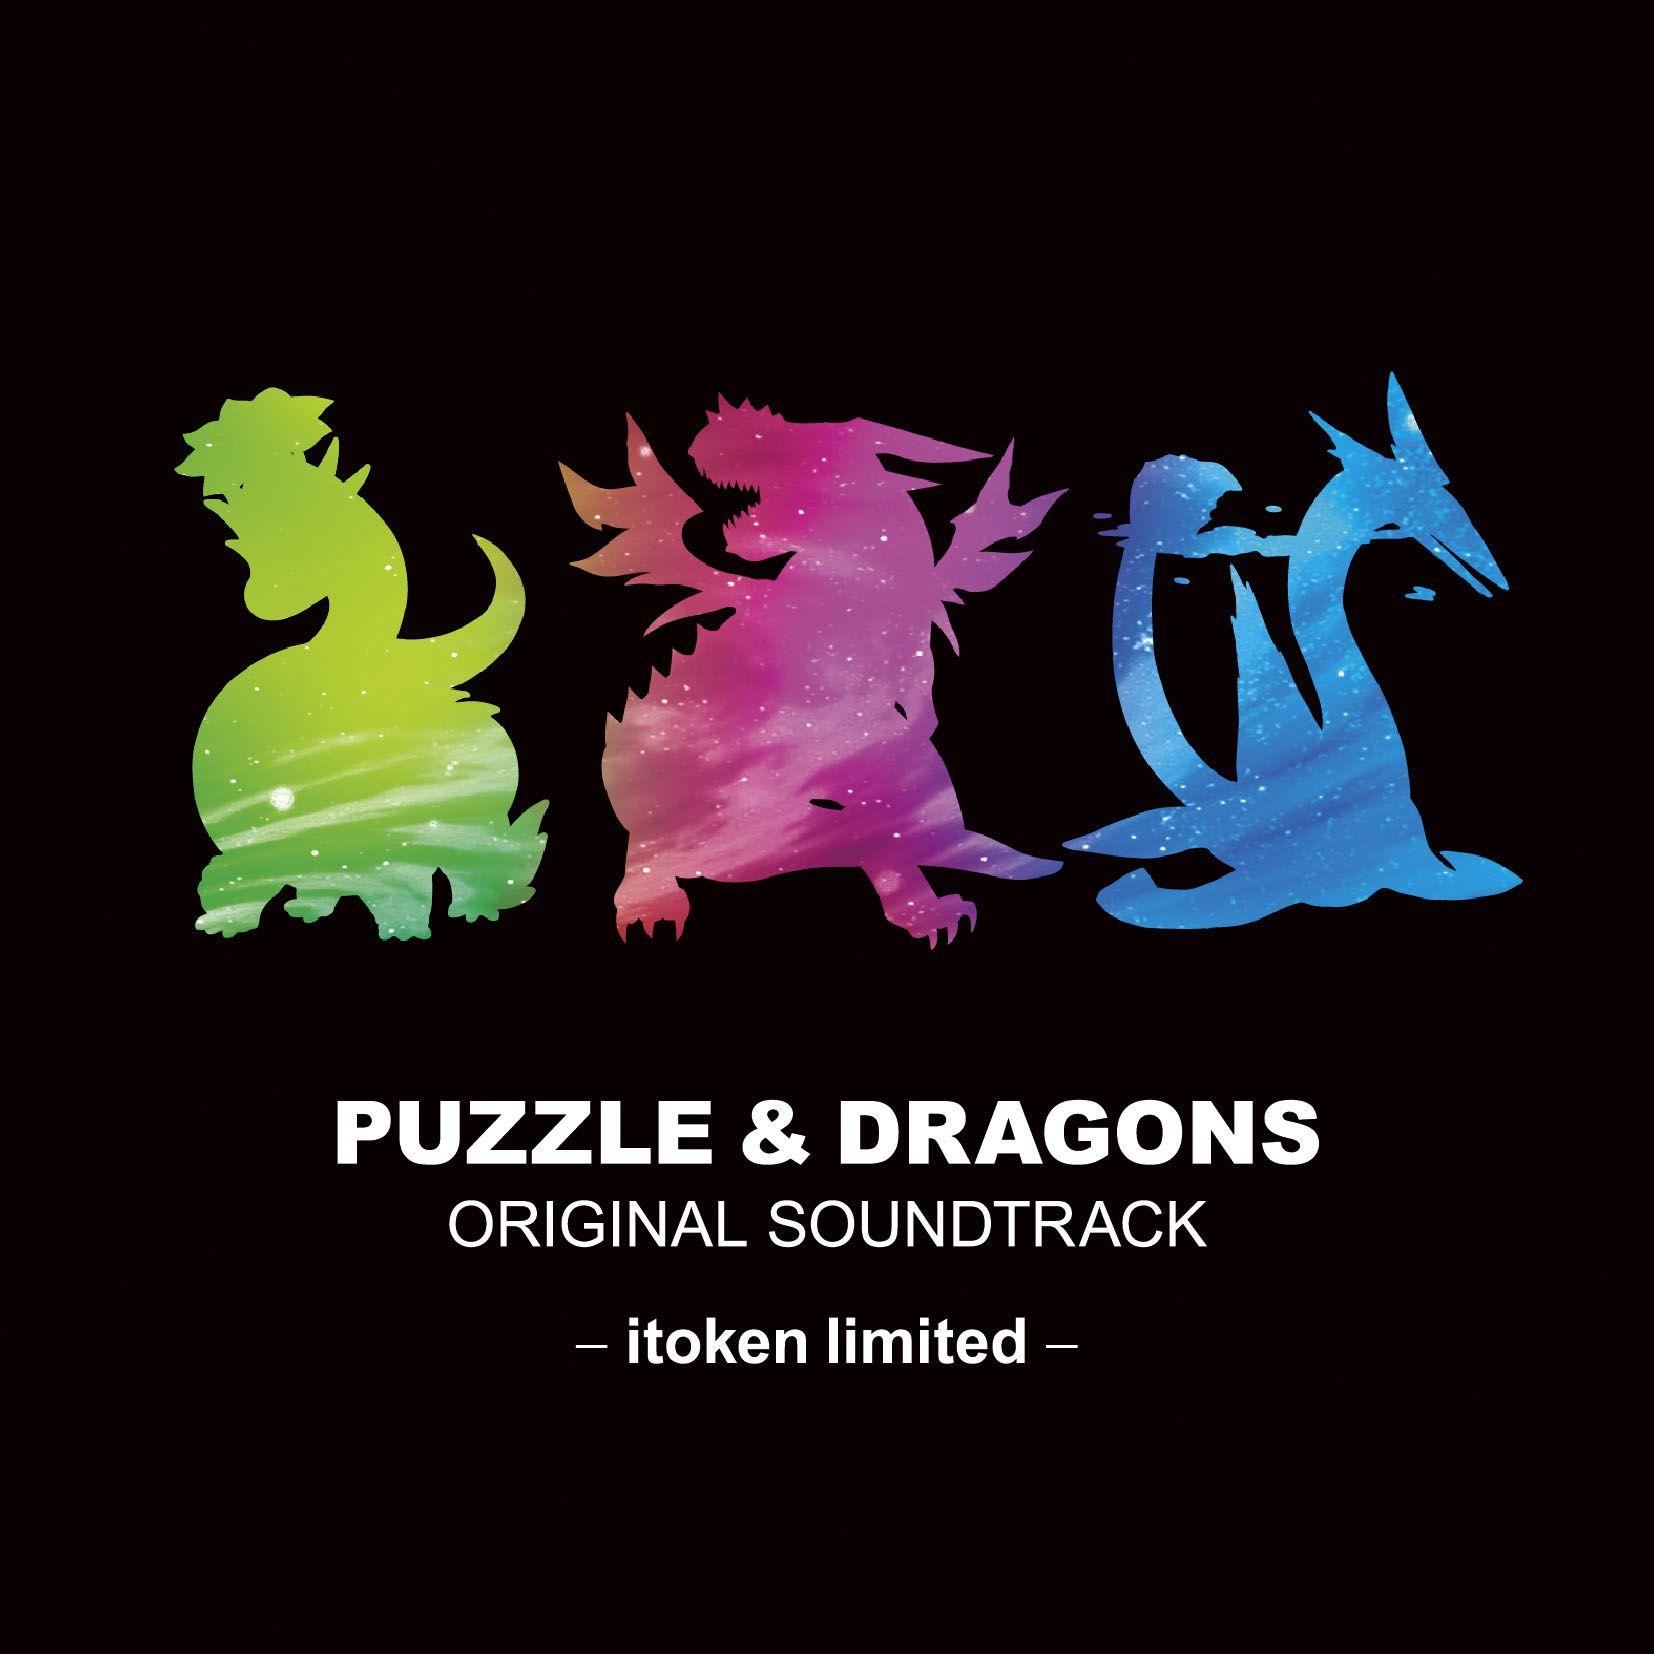 スマホ向けパズルRPG「パズル&ドラゴンズ」のサントラが4/3に先行配信 伊藤賢治氏のアレンジ曲もあり